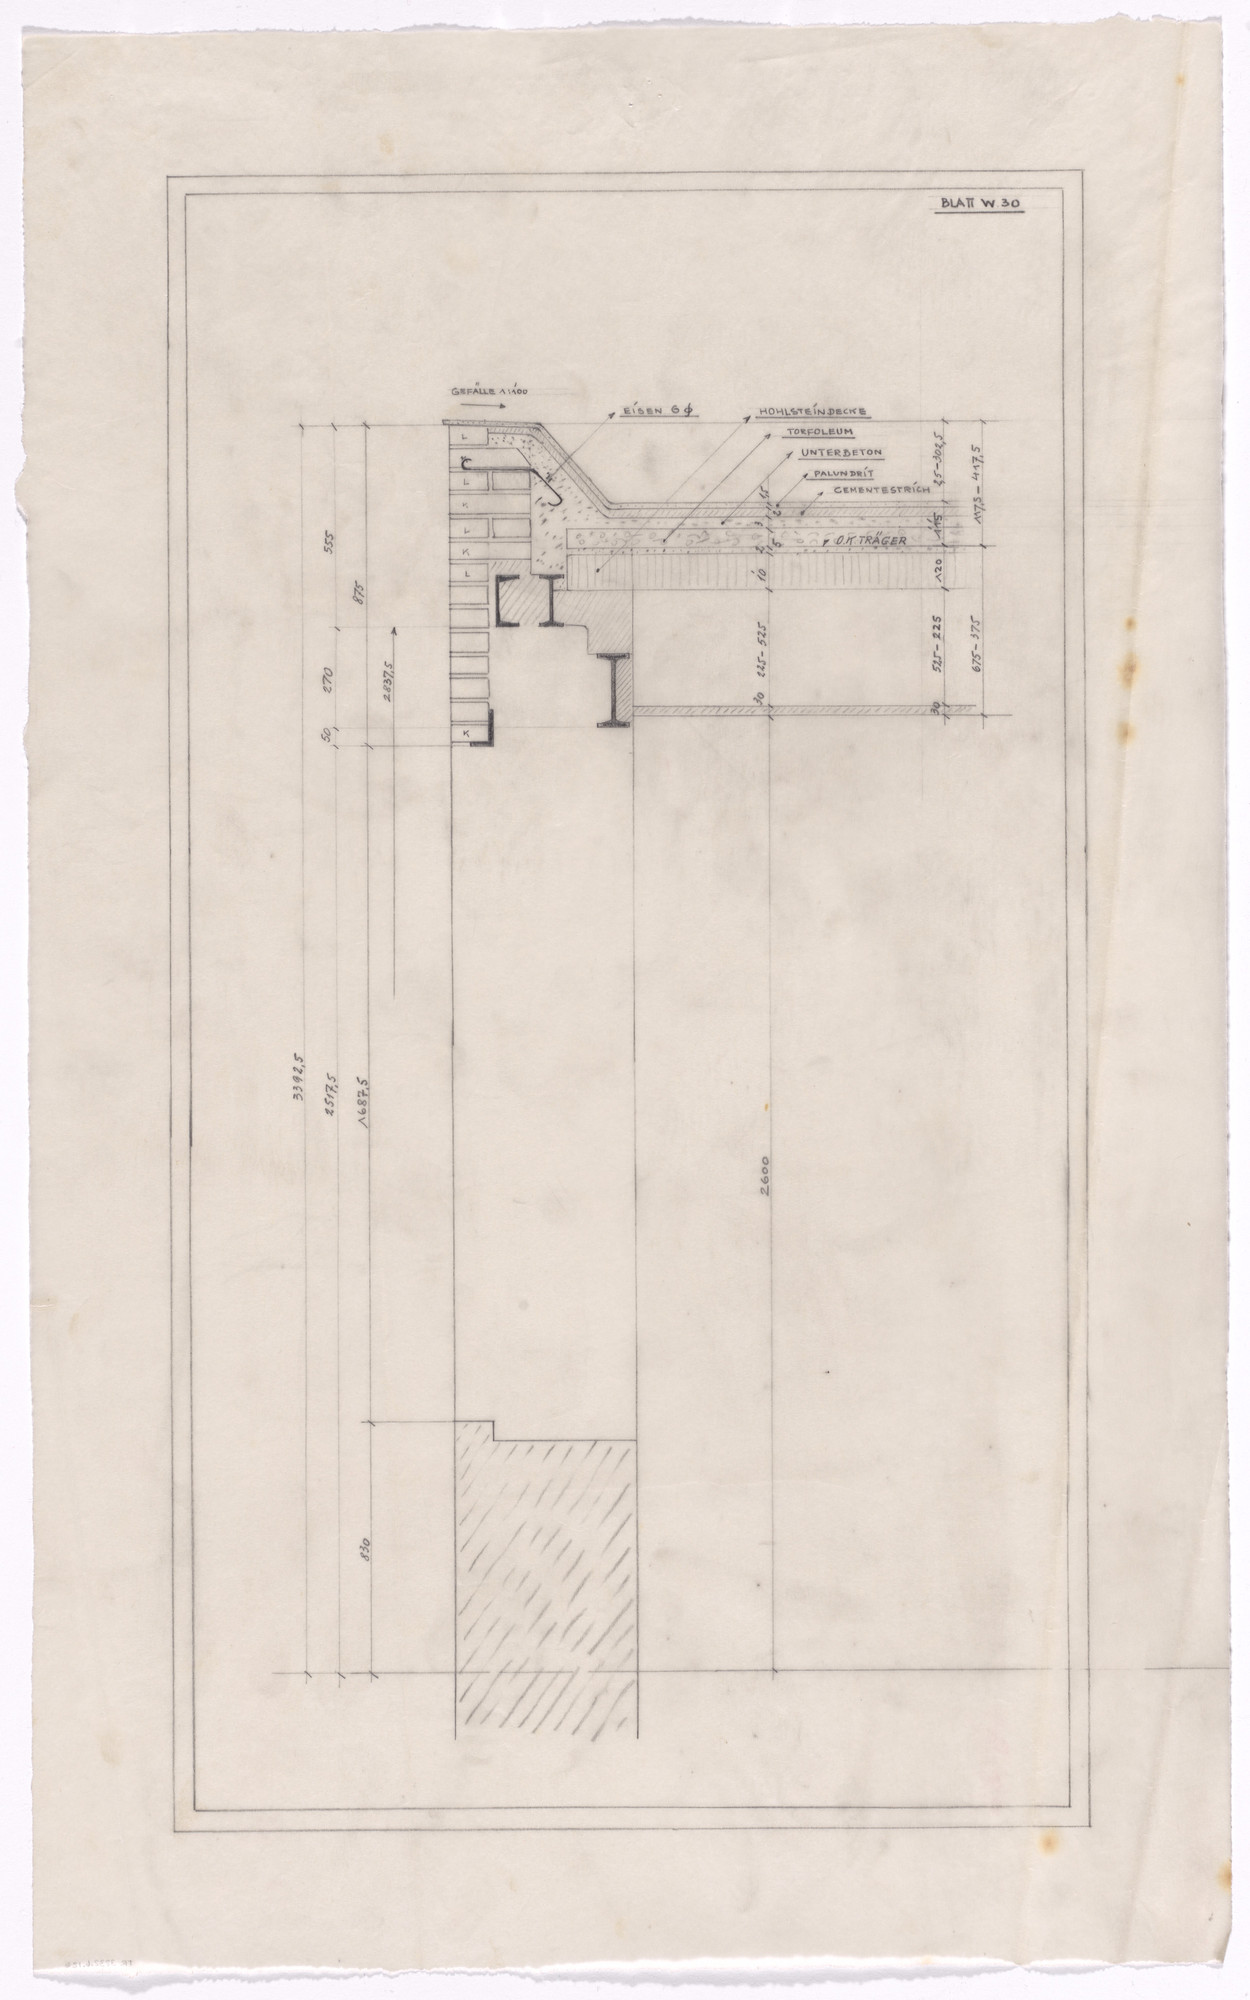 Ludwig Mies van der Rohe  Hermann Lange House, Krefeld